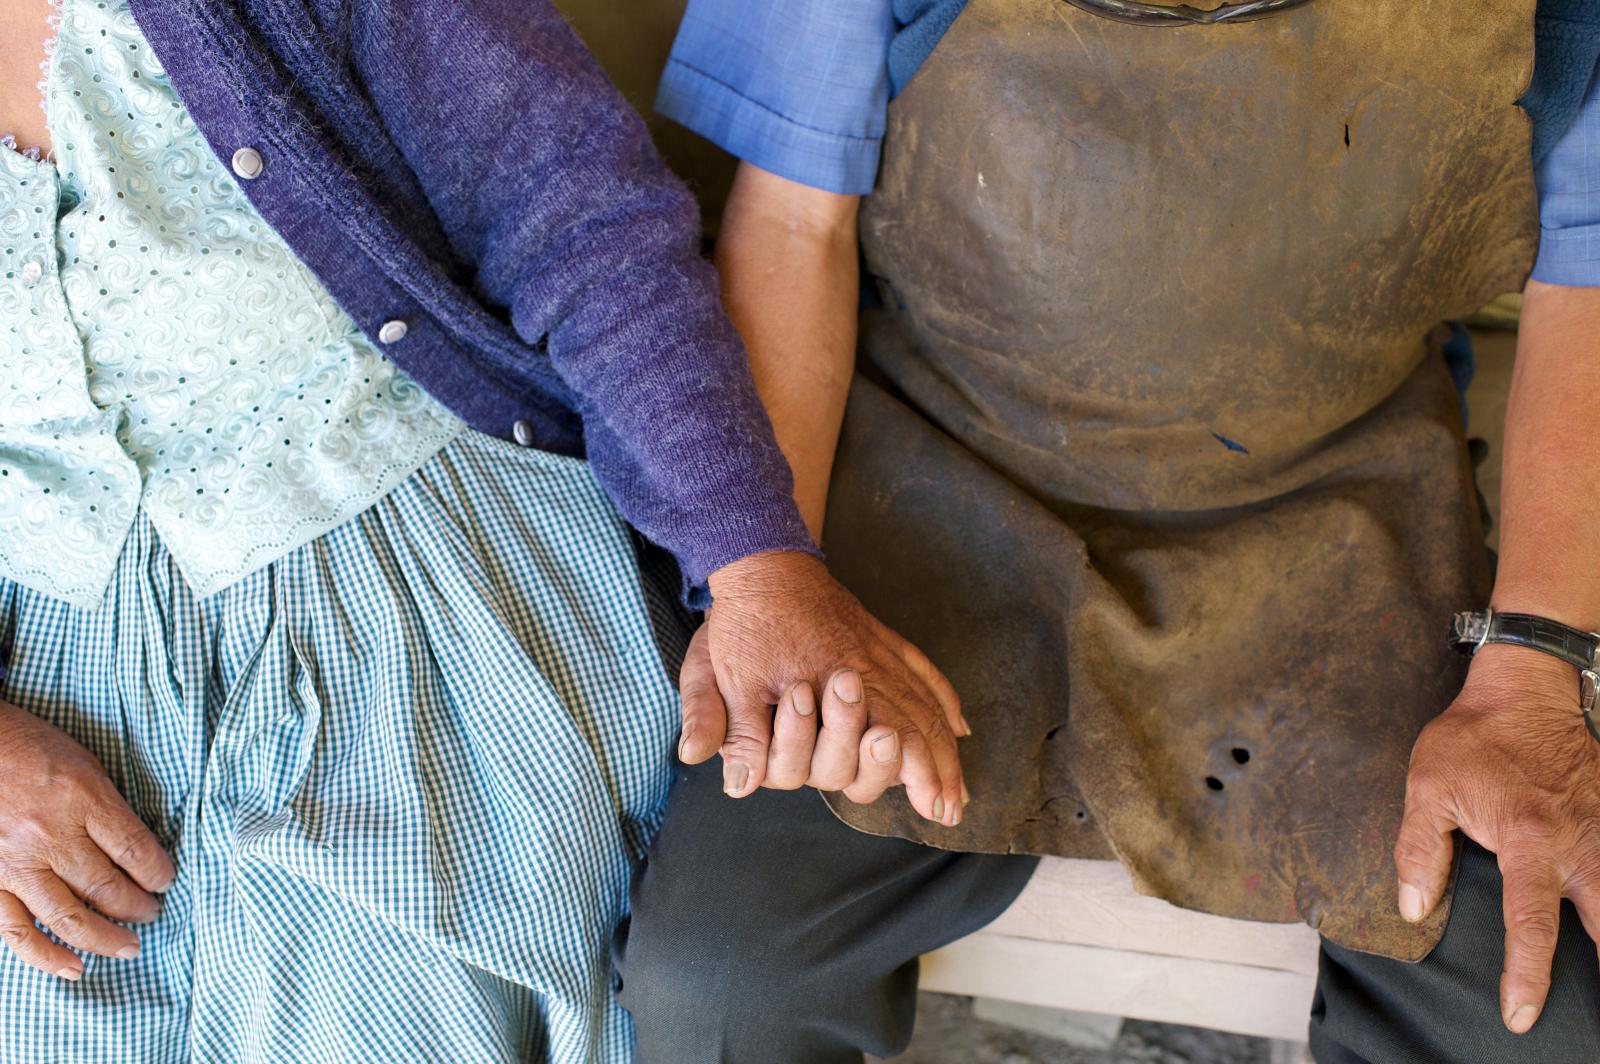 Elders matchmaking